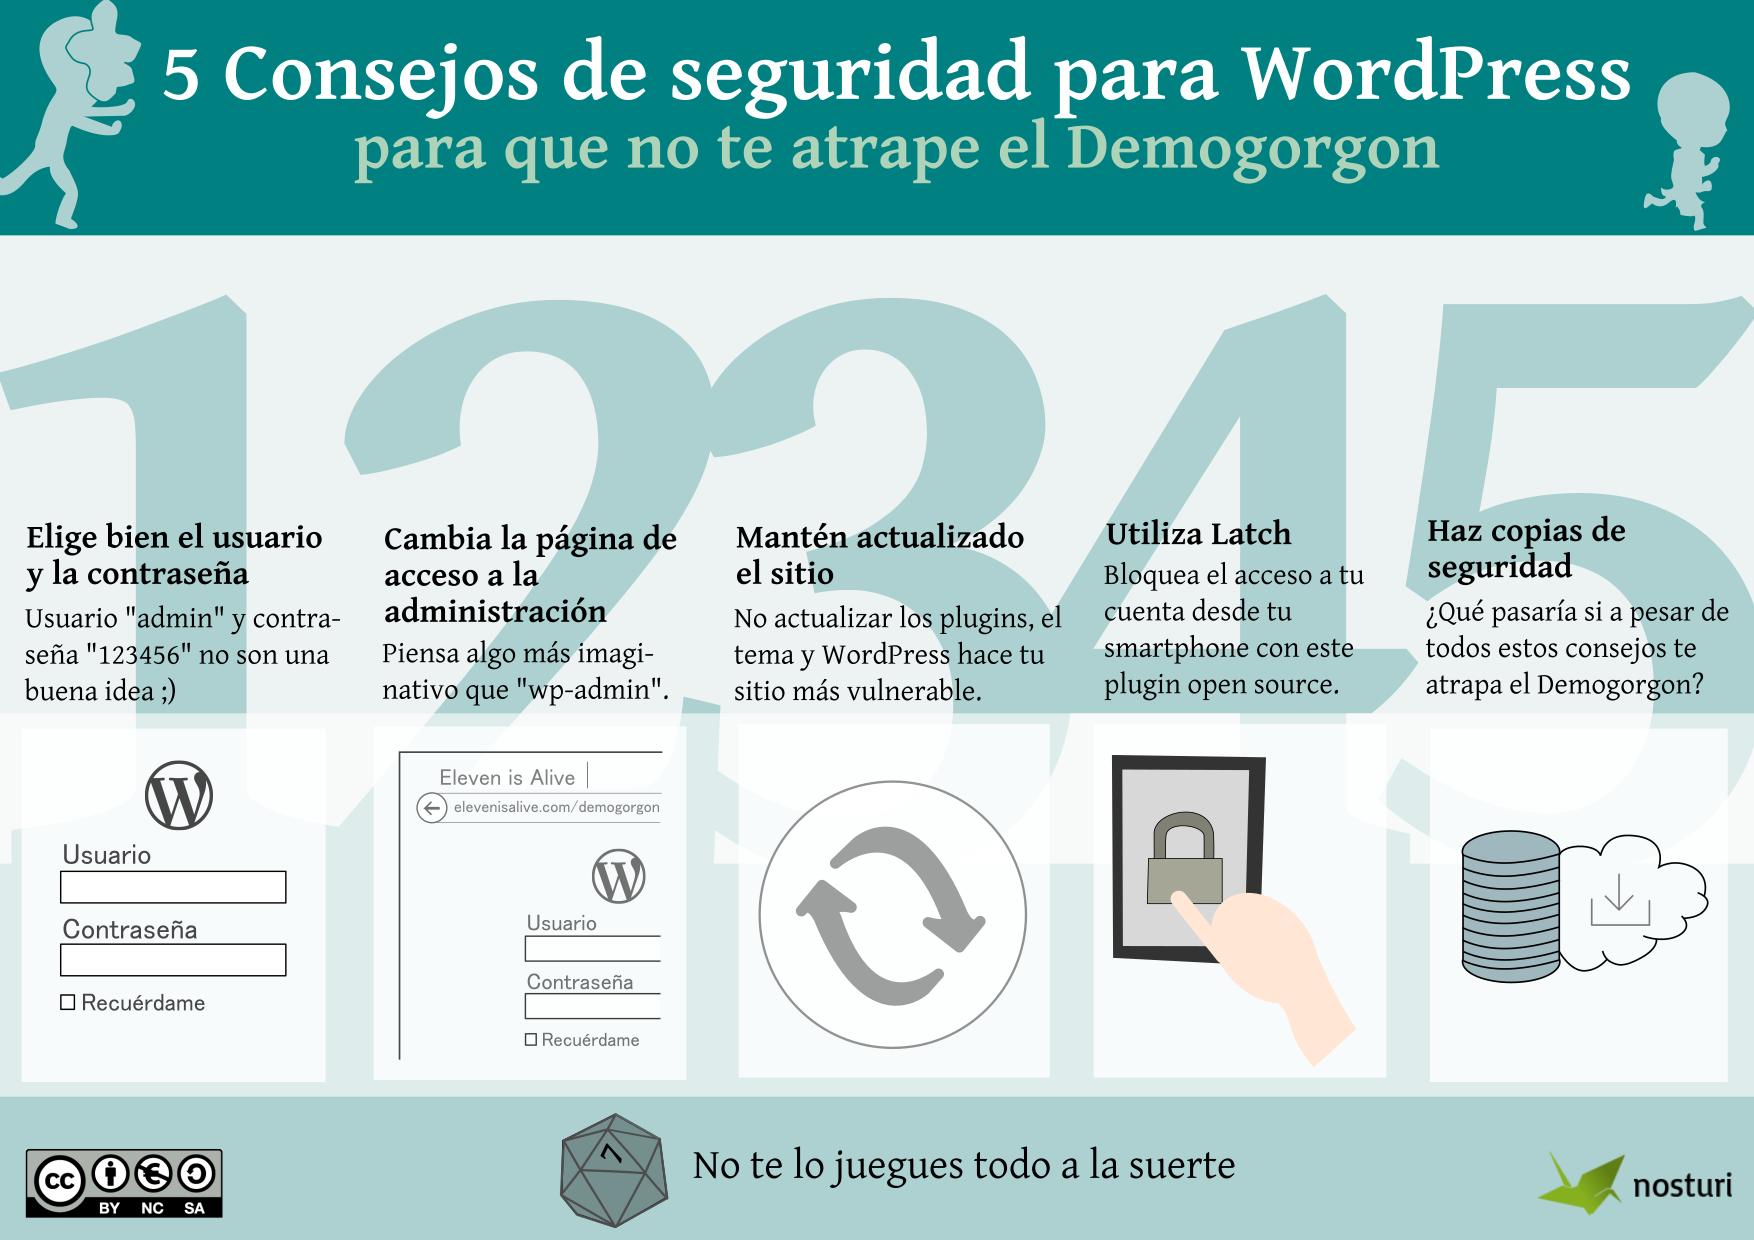 Infografía: 5 consejos de seguridad para WordPress para que no te atrape el Demogorgon